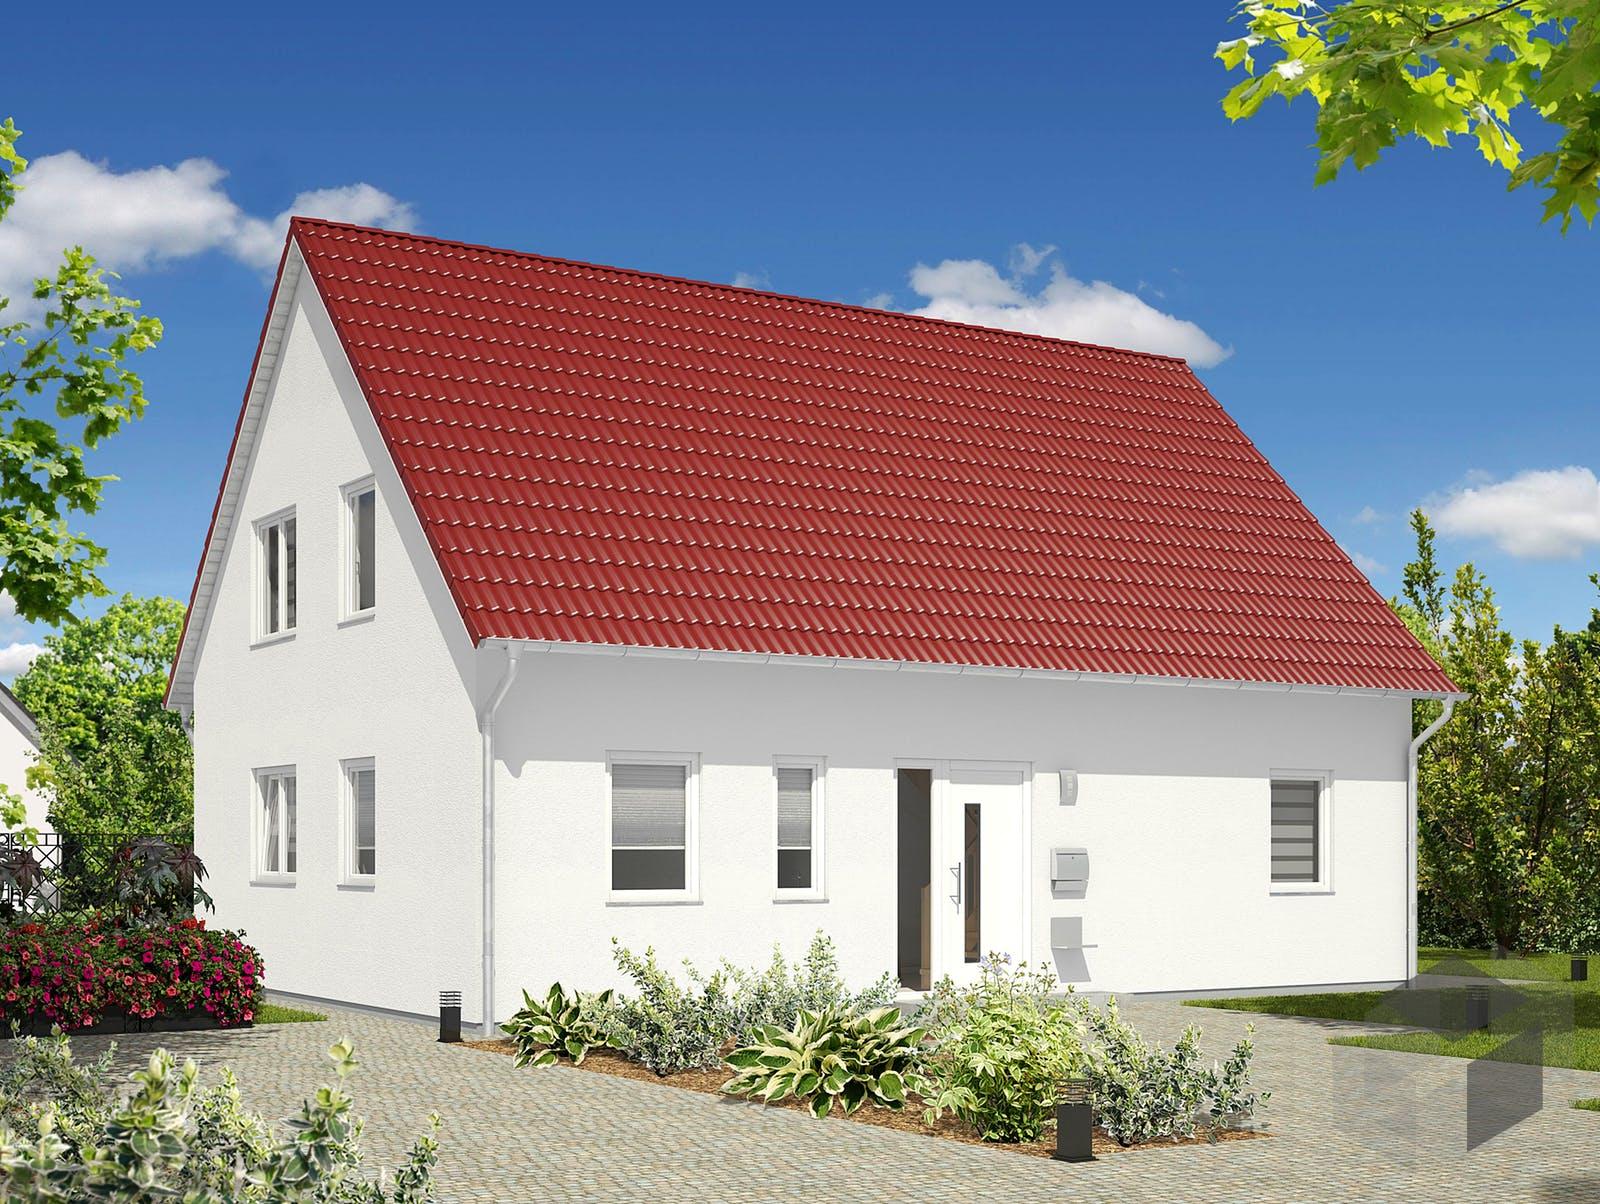 landhaus 142 s d von town country haus komplette daten bersicht. Black Bedroom Furniture Sets. Home Design Ideas